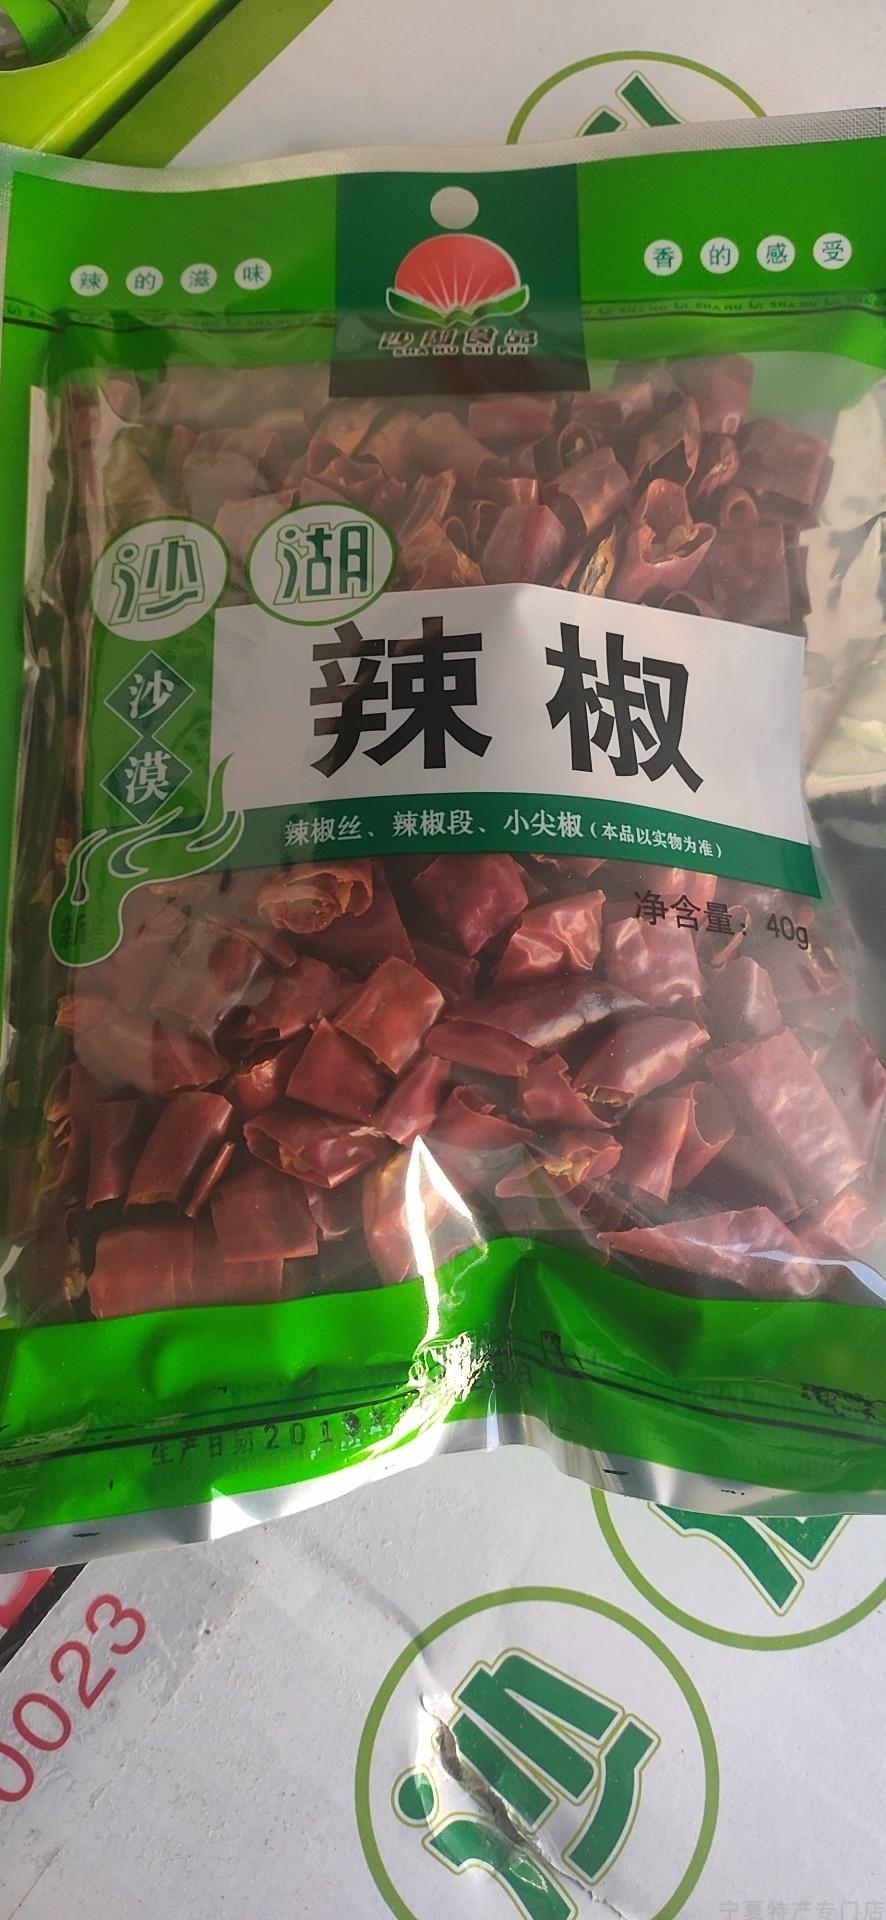 宁夏平罗沙湖沙漠辣椒辣椒段40g*6袋新上市产品厨房调料美食食材